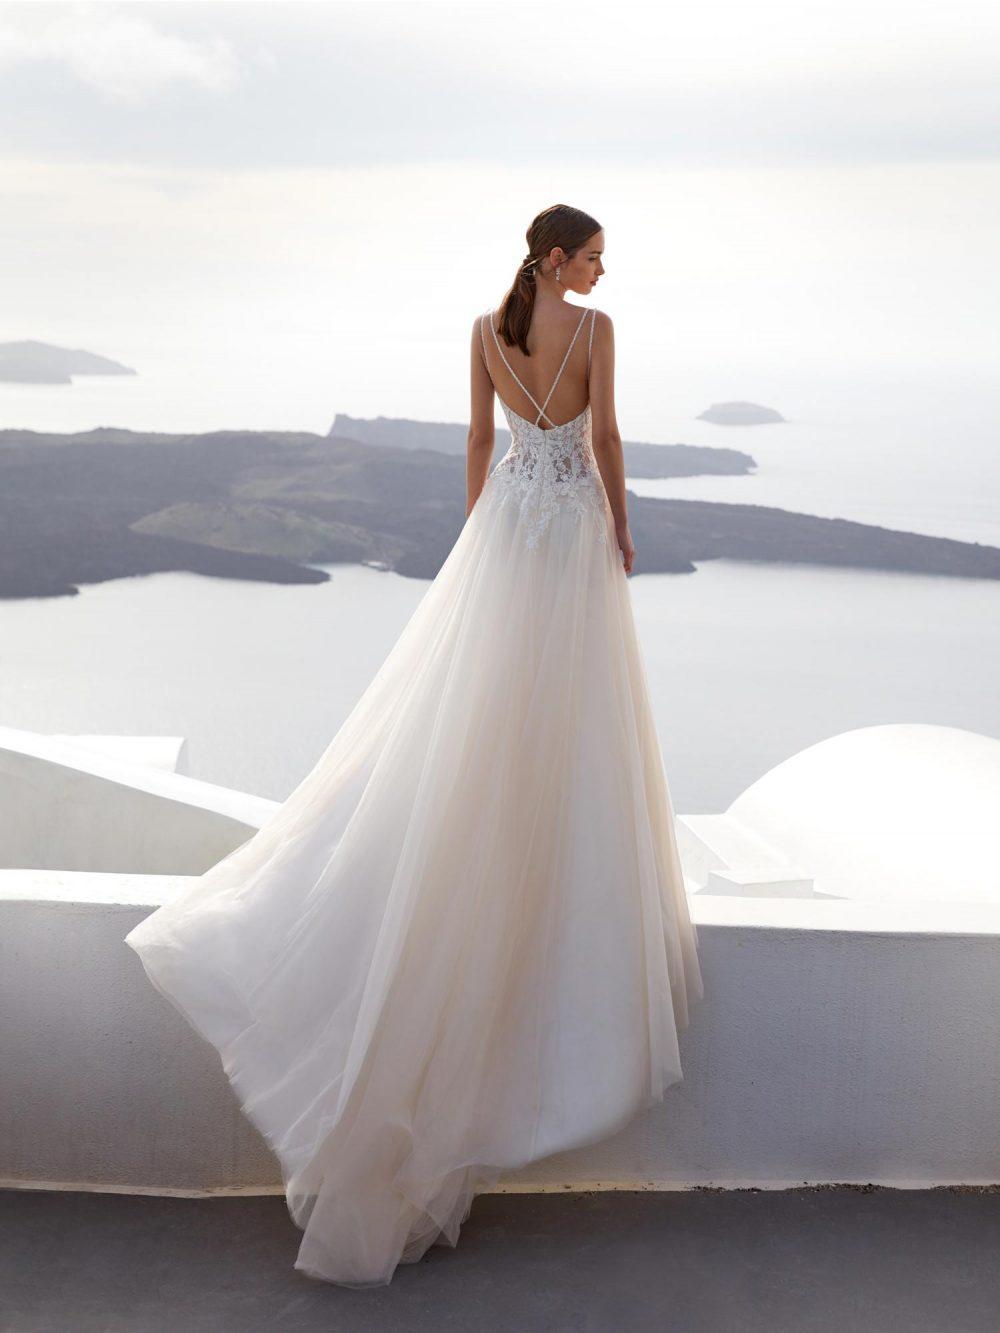 Jolies 2022 abito vestito sposa Vicenza ORTIGIA